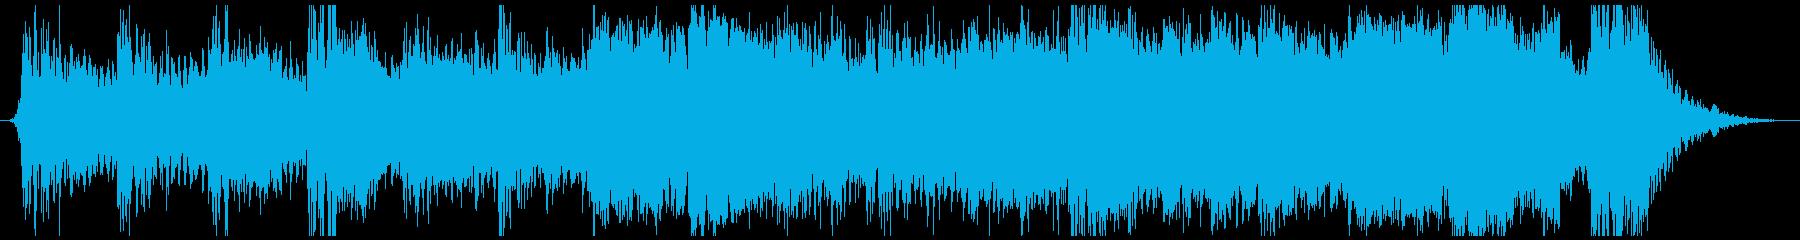 モダン 交響曲 室内楽 広い 壮大...の再生済みの波形